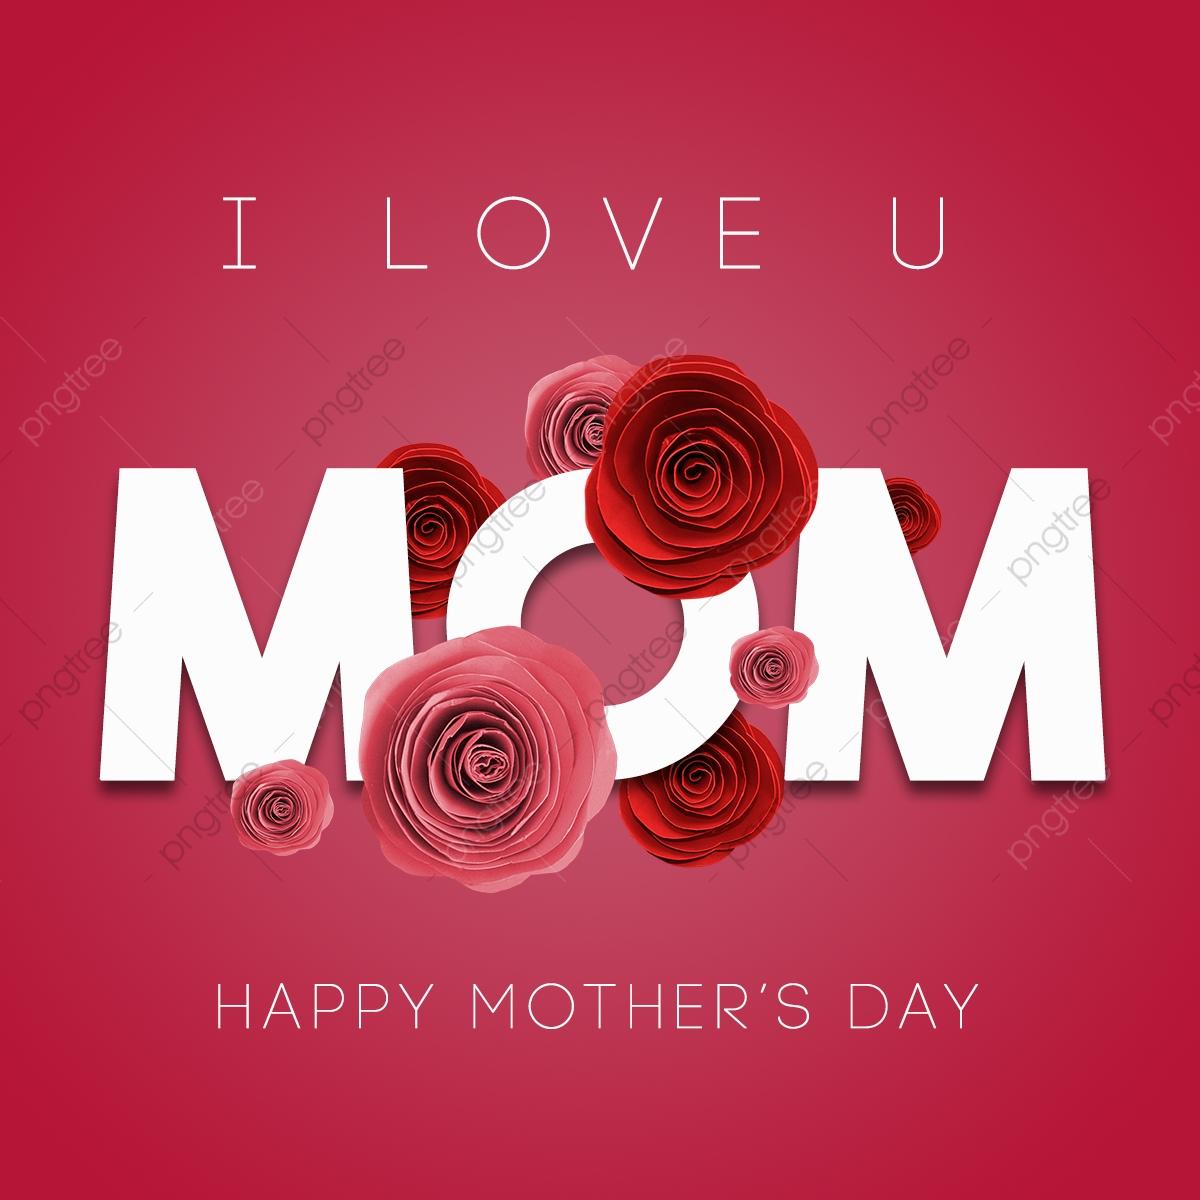 عيد الأم 2020 أشعار عن الأم يوم الأم رمزيات عن الأم 4